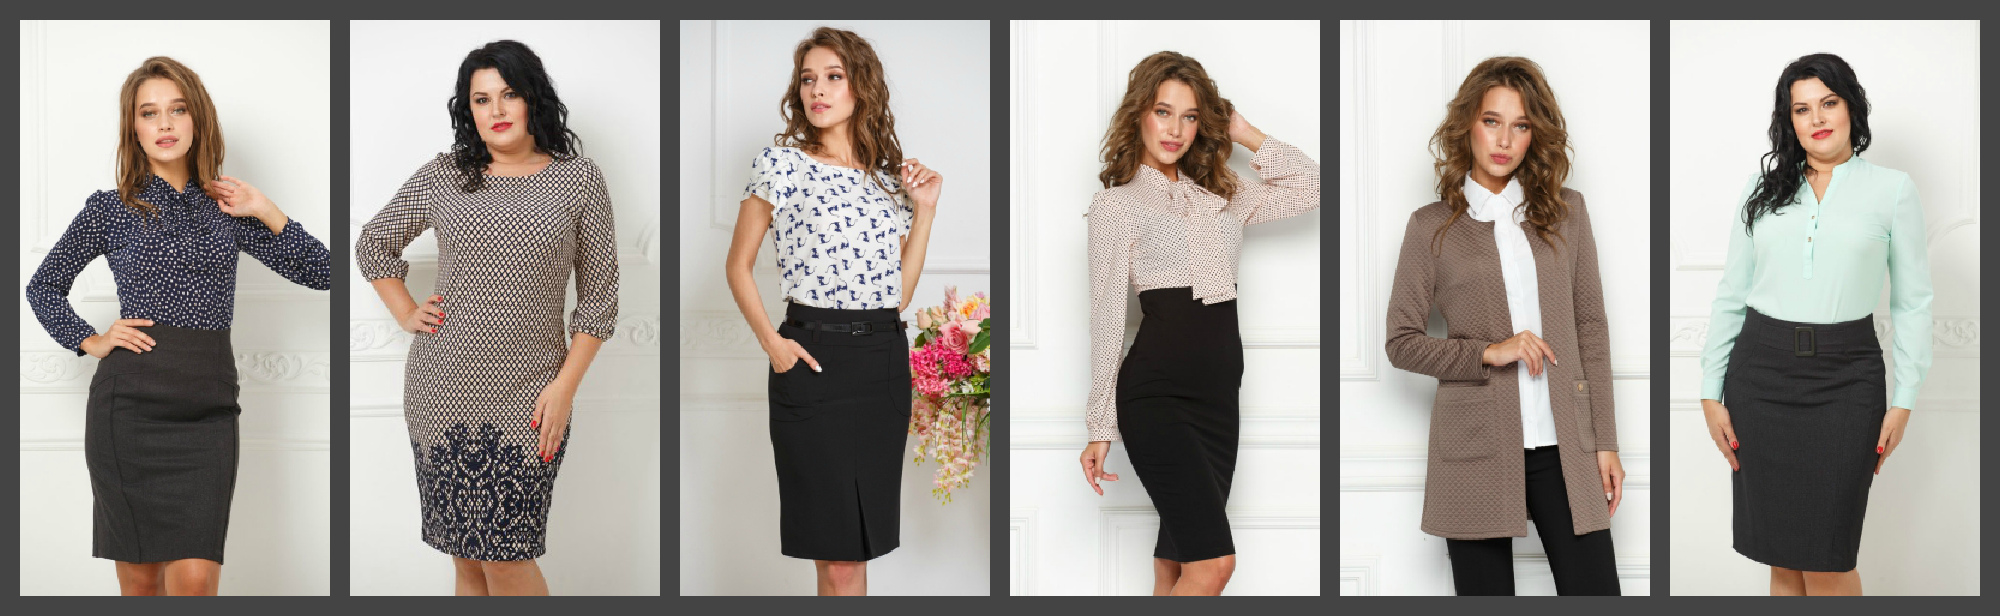 Супер Распродажа! Валентина - огромный выбор юбок, платьев, сарафанов, жилетов, блузок и брюк . Размерный ряд с 40 по